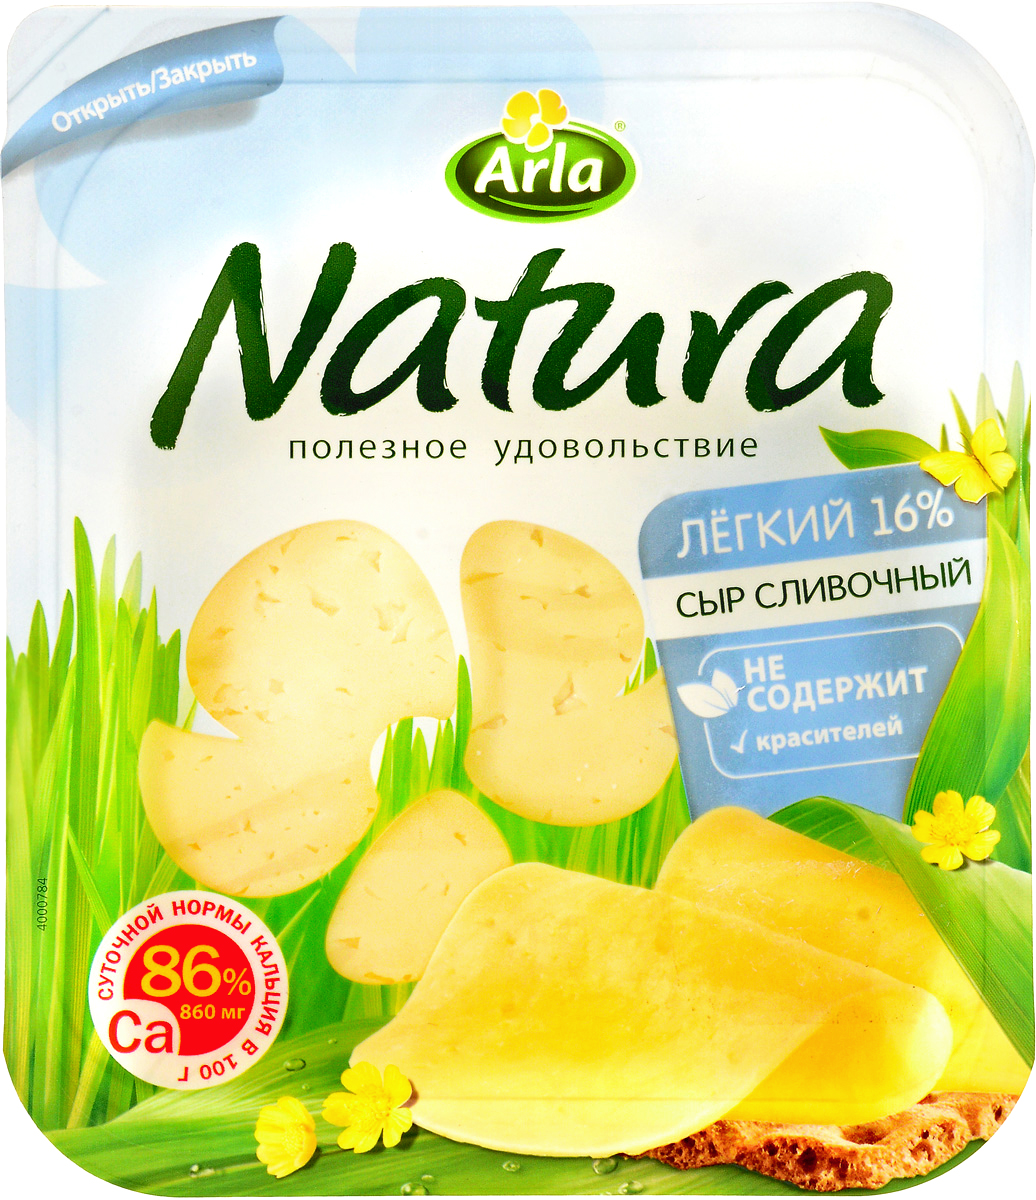 Arla Natura Сыр Cливочный Легкий 30%, нарезка, 150 г arla natura сыр сливочный 45% нарезка 150 г